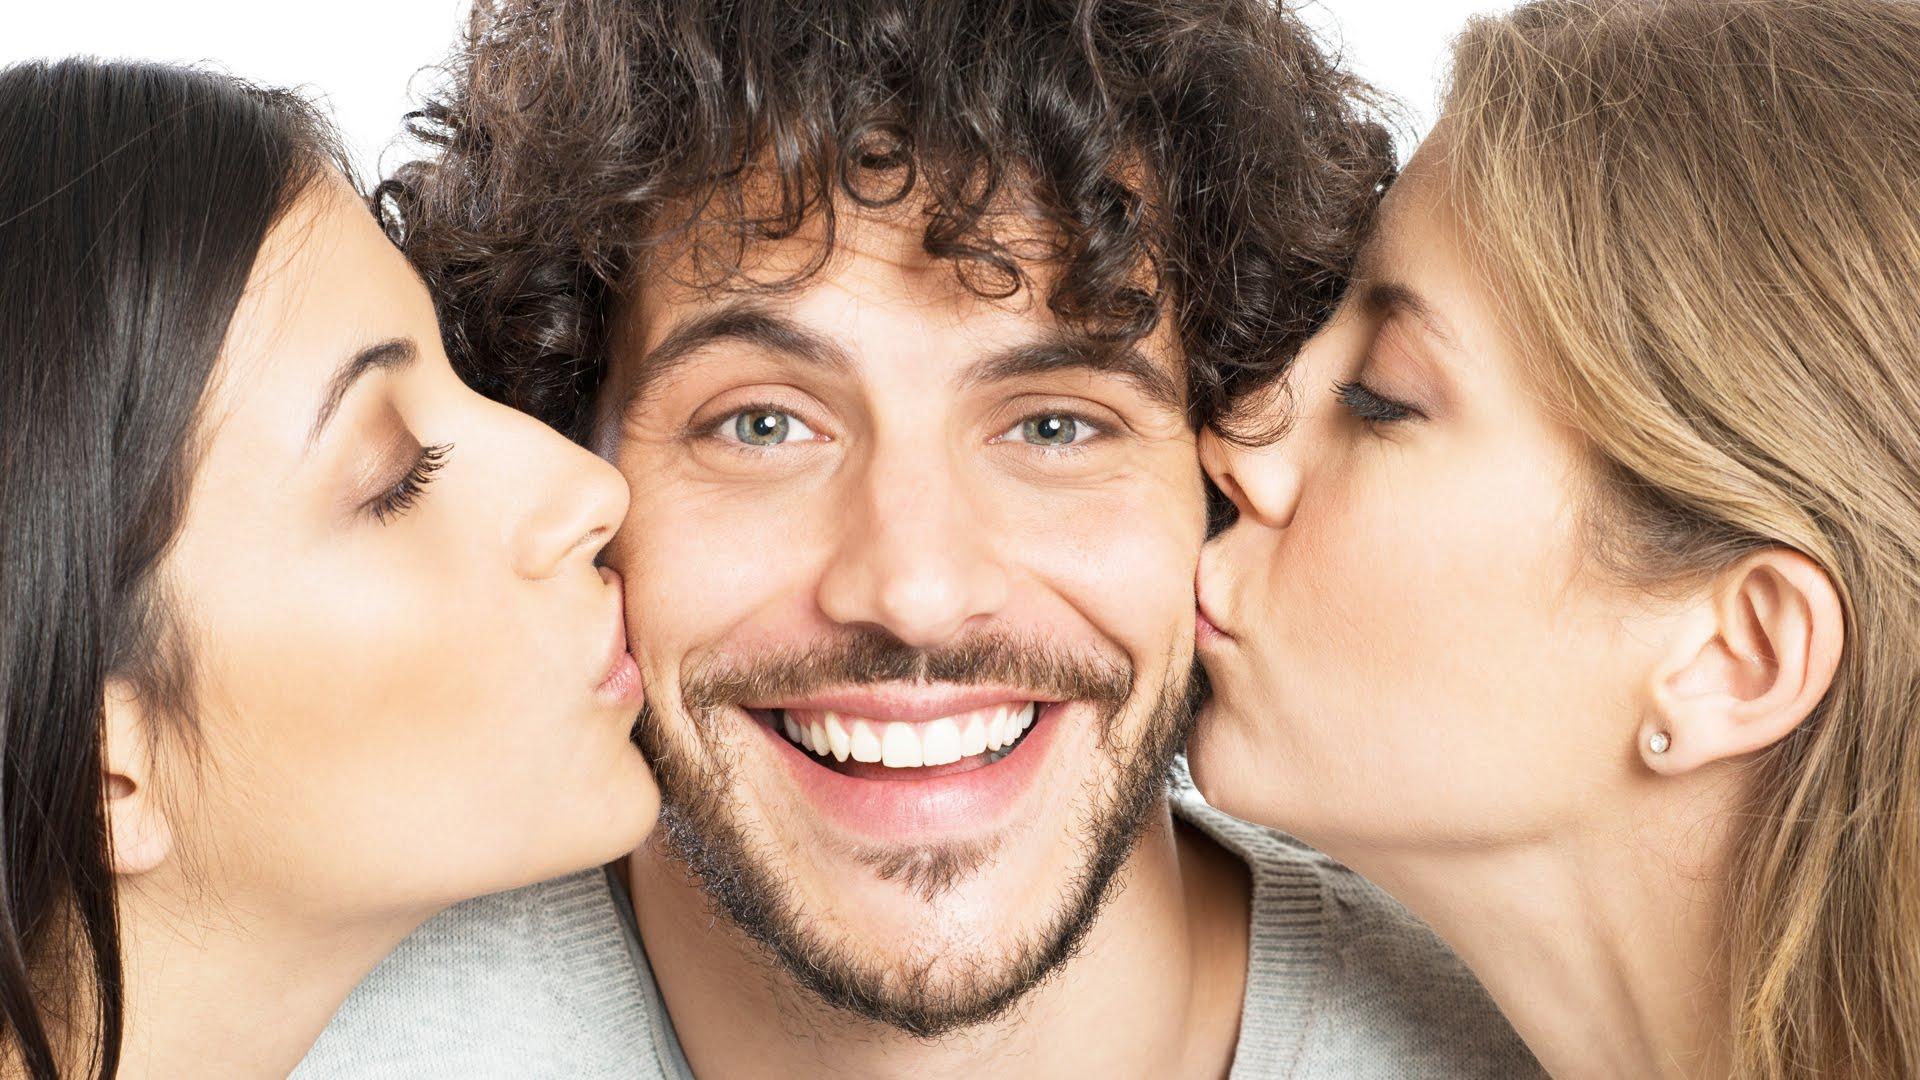 Девушка и два мужчины фото, смотреть усыпил хлороформом симпотнаю блондинку и трахнул